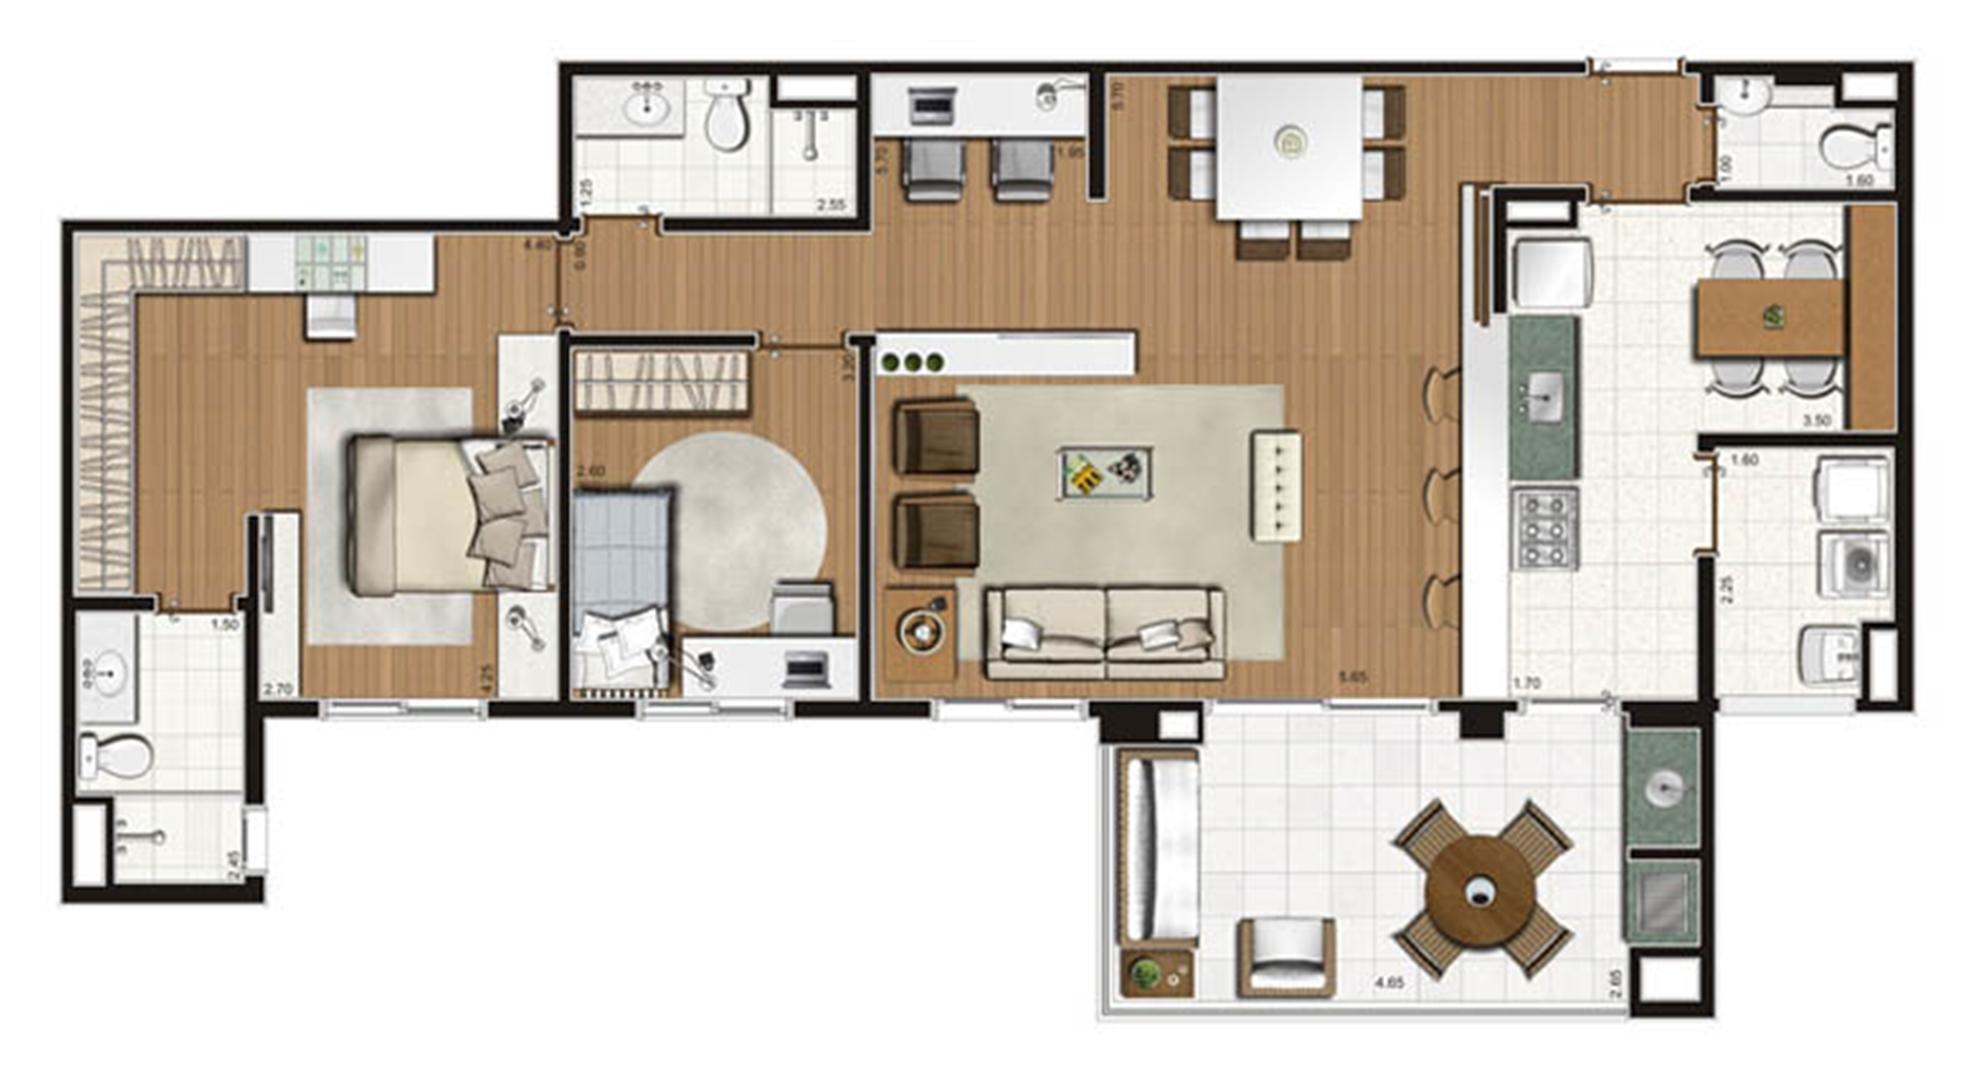 Planta-opção apartamento de 112 m² privativos 2 dorms. (1 suíte) | Luzes da Mooca - Villaggio Luna – Apartamento na  Mooca - São Paulo - São Paulo